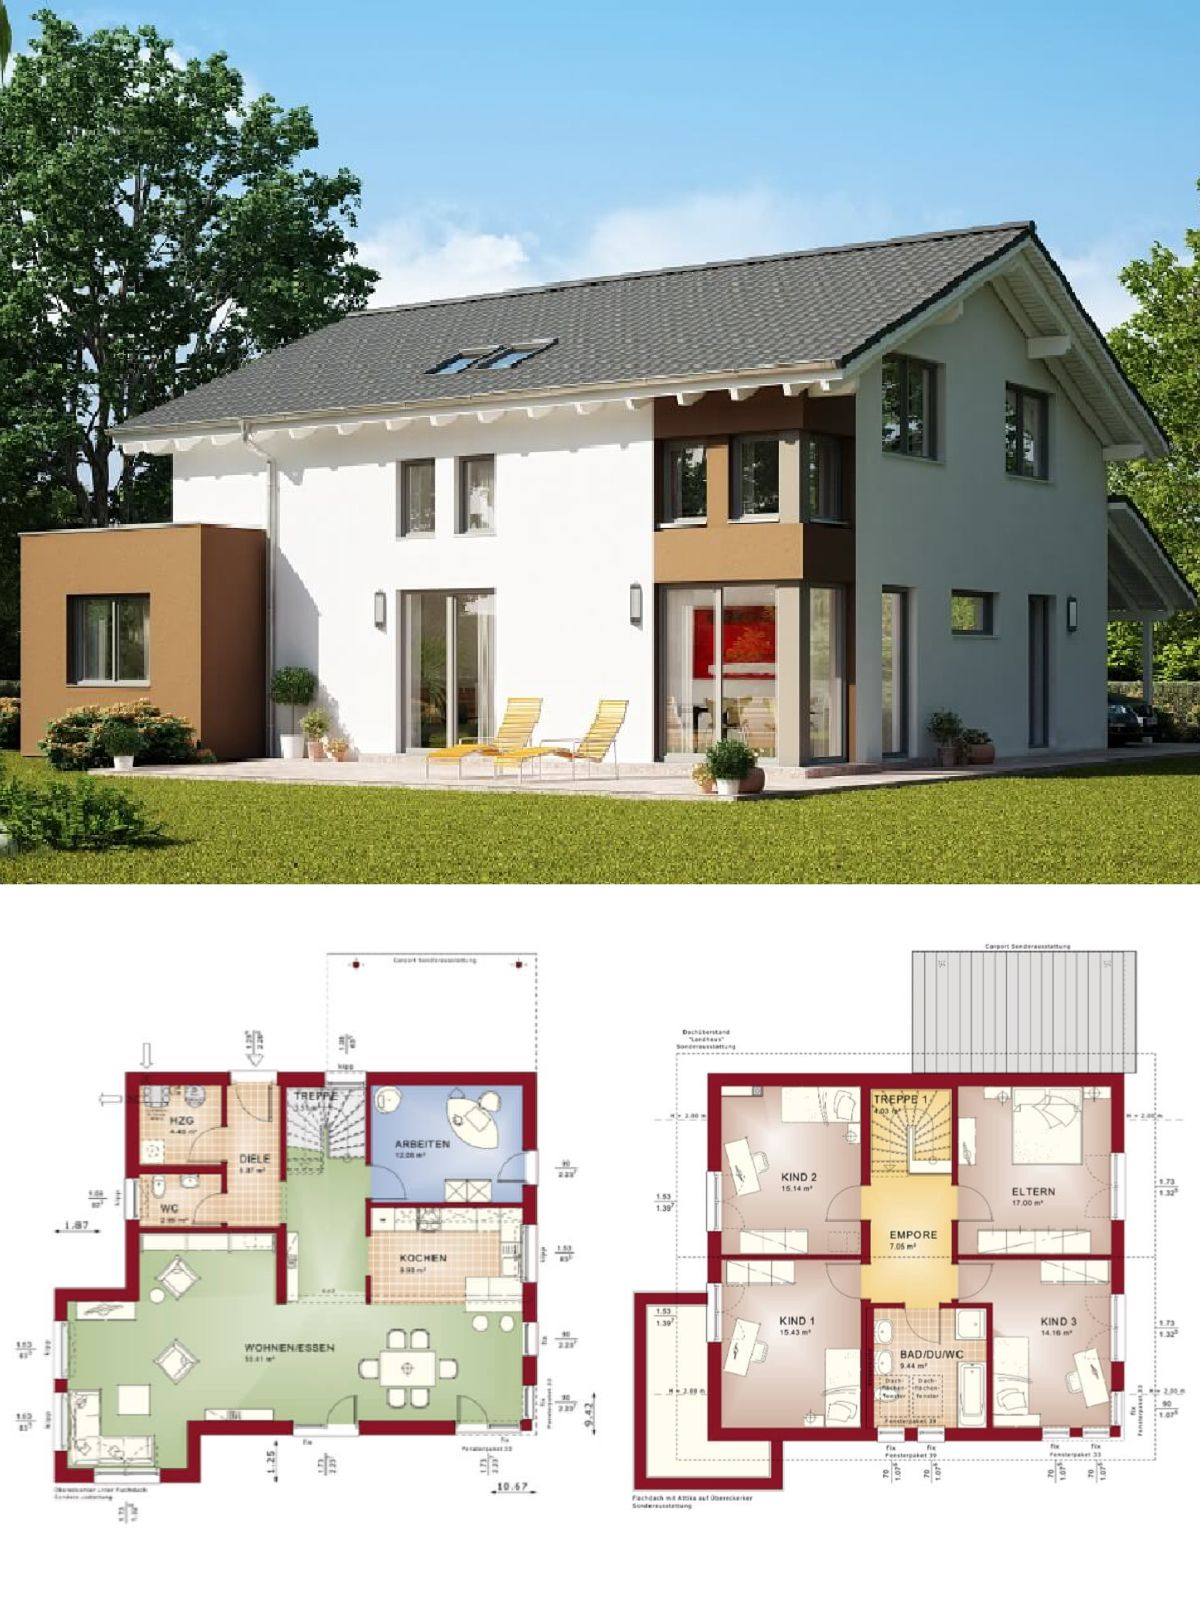 Einfamilienhaus Neubau Modern Mit Satteldach Architektur, Erker Anbau U0026  Carport   Haus Bauen Grundriss Fertighaus